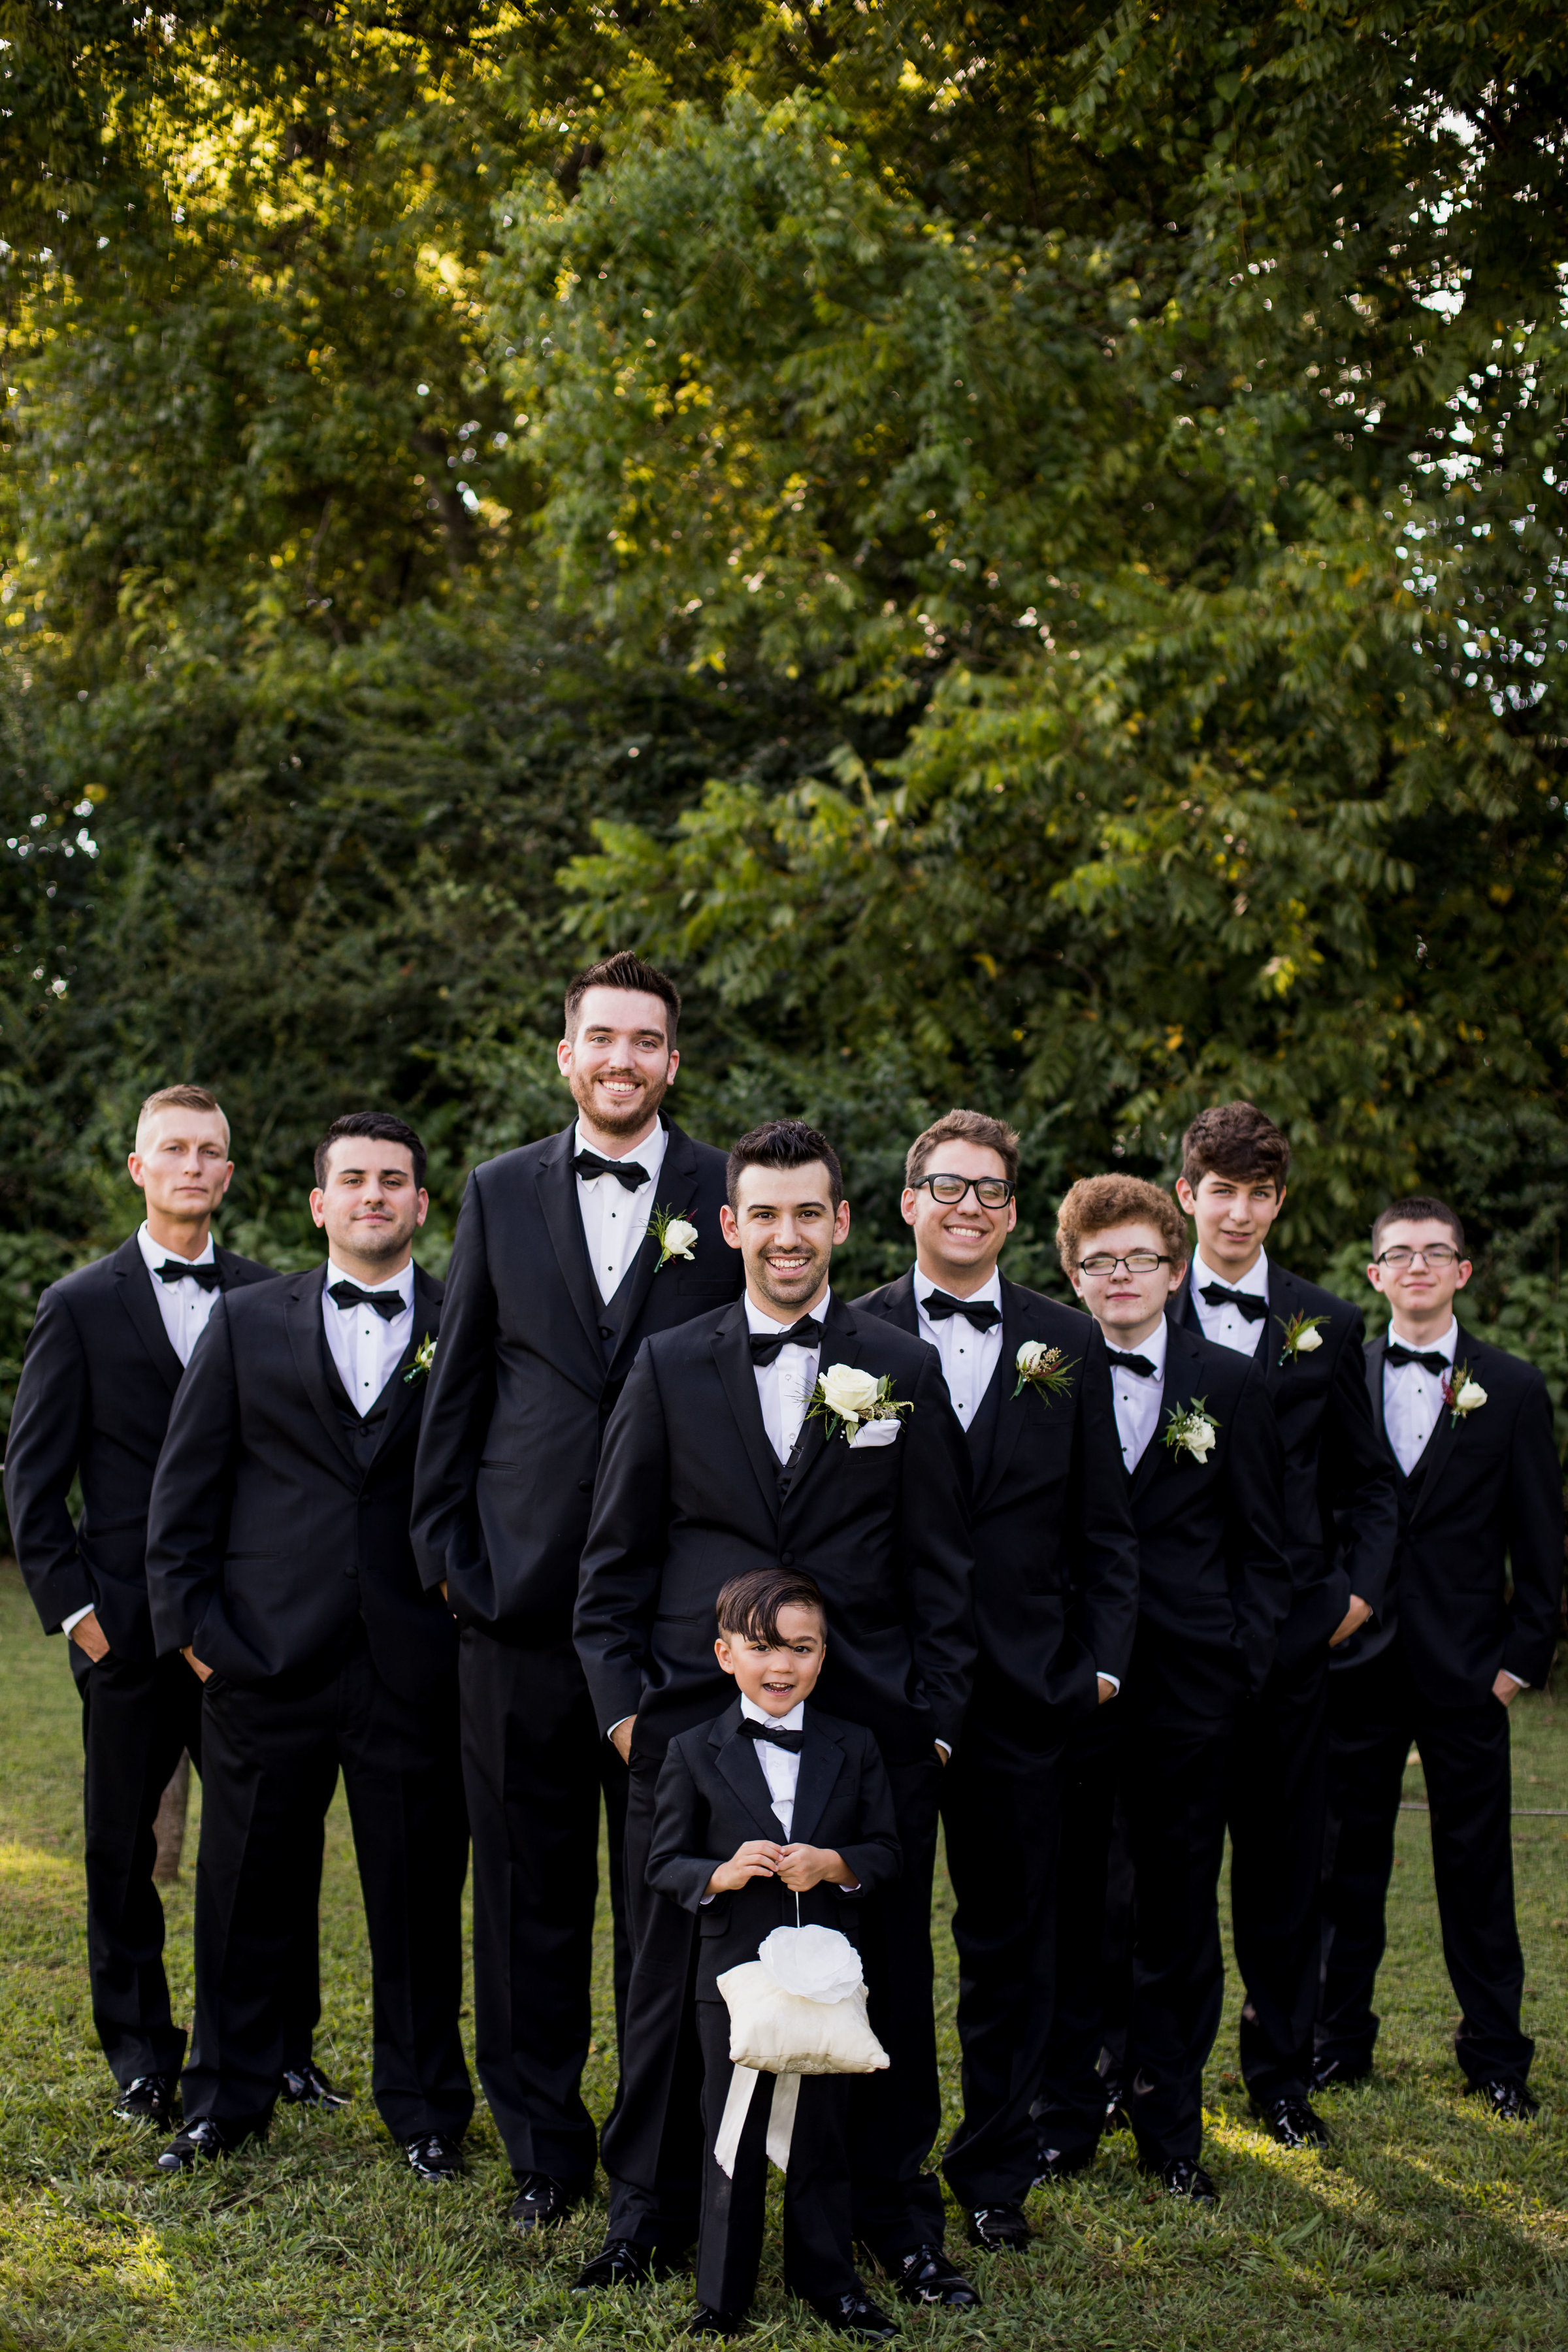 Meadow-Hill-Farm-Wedding 27.jpg